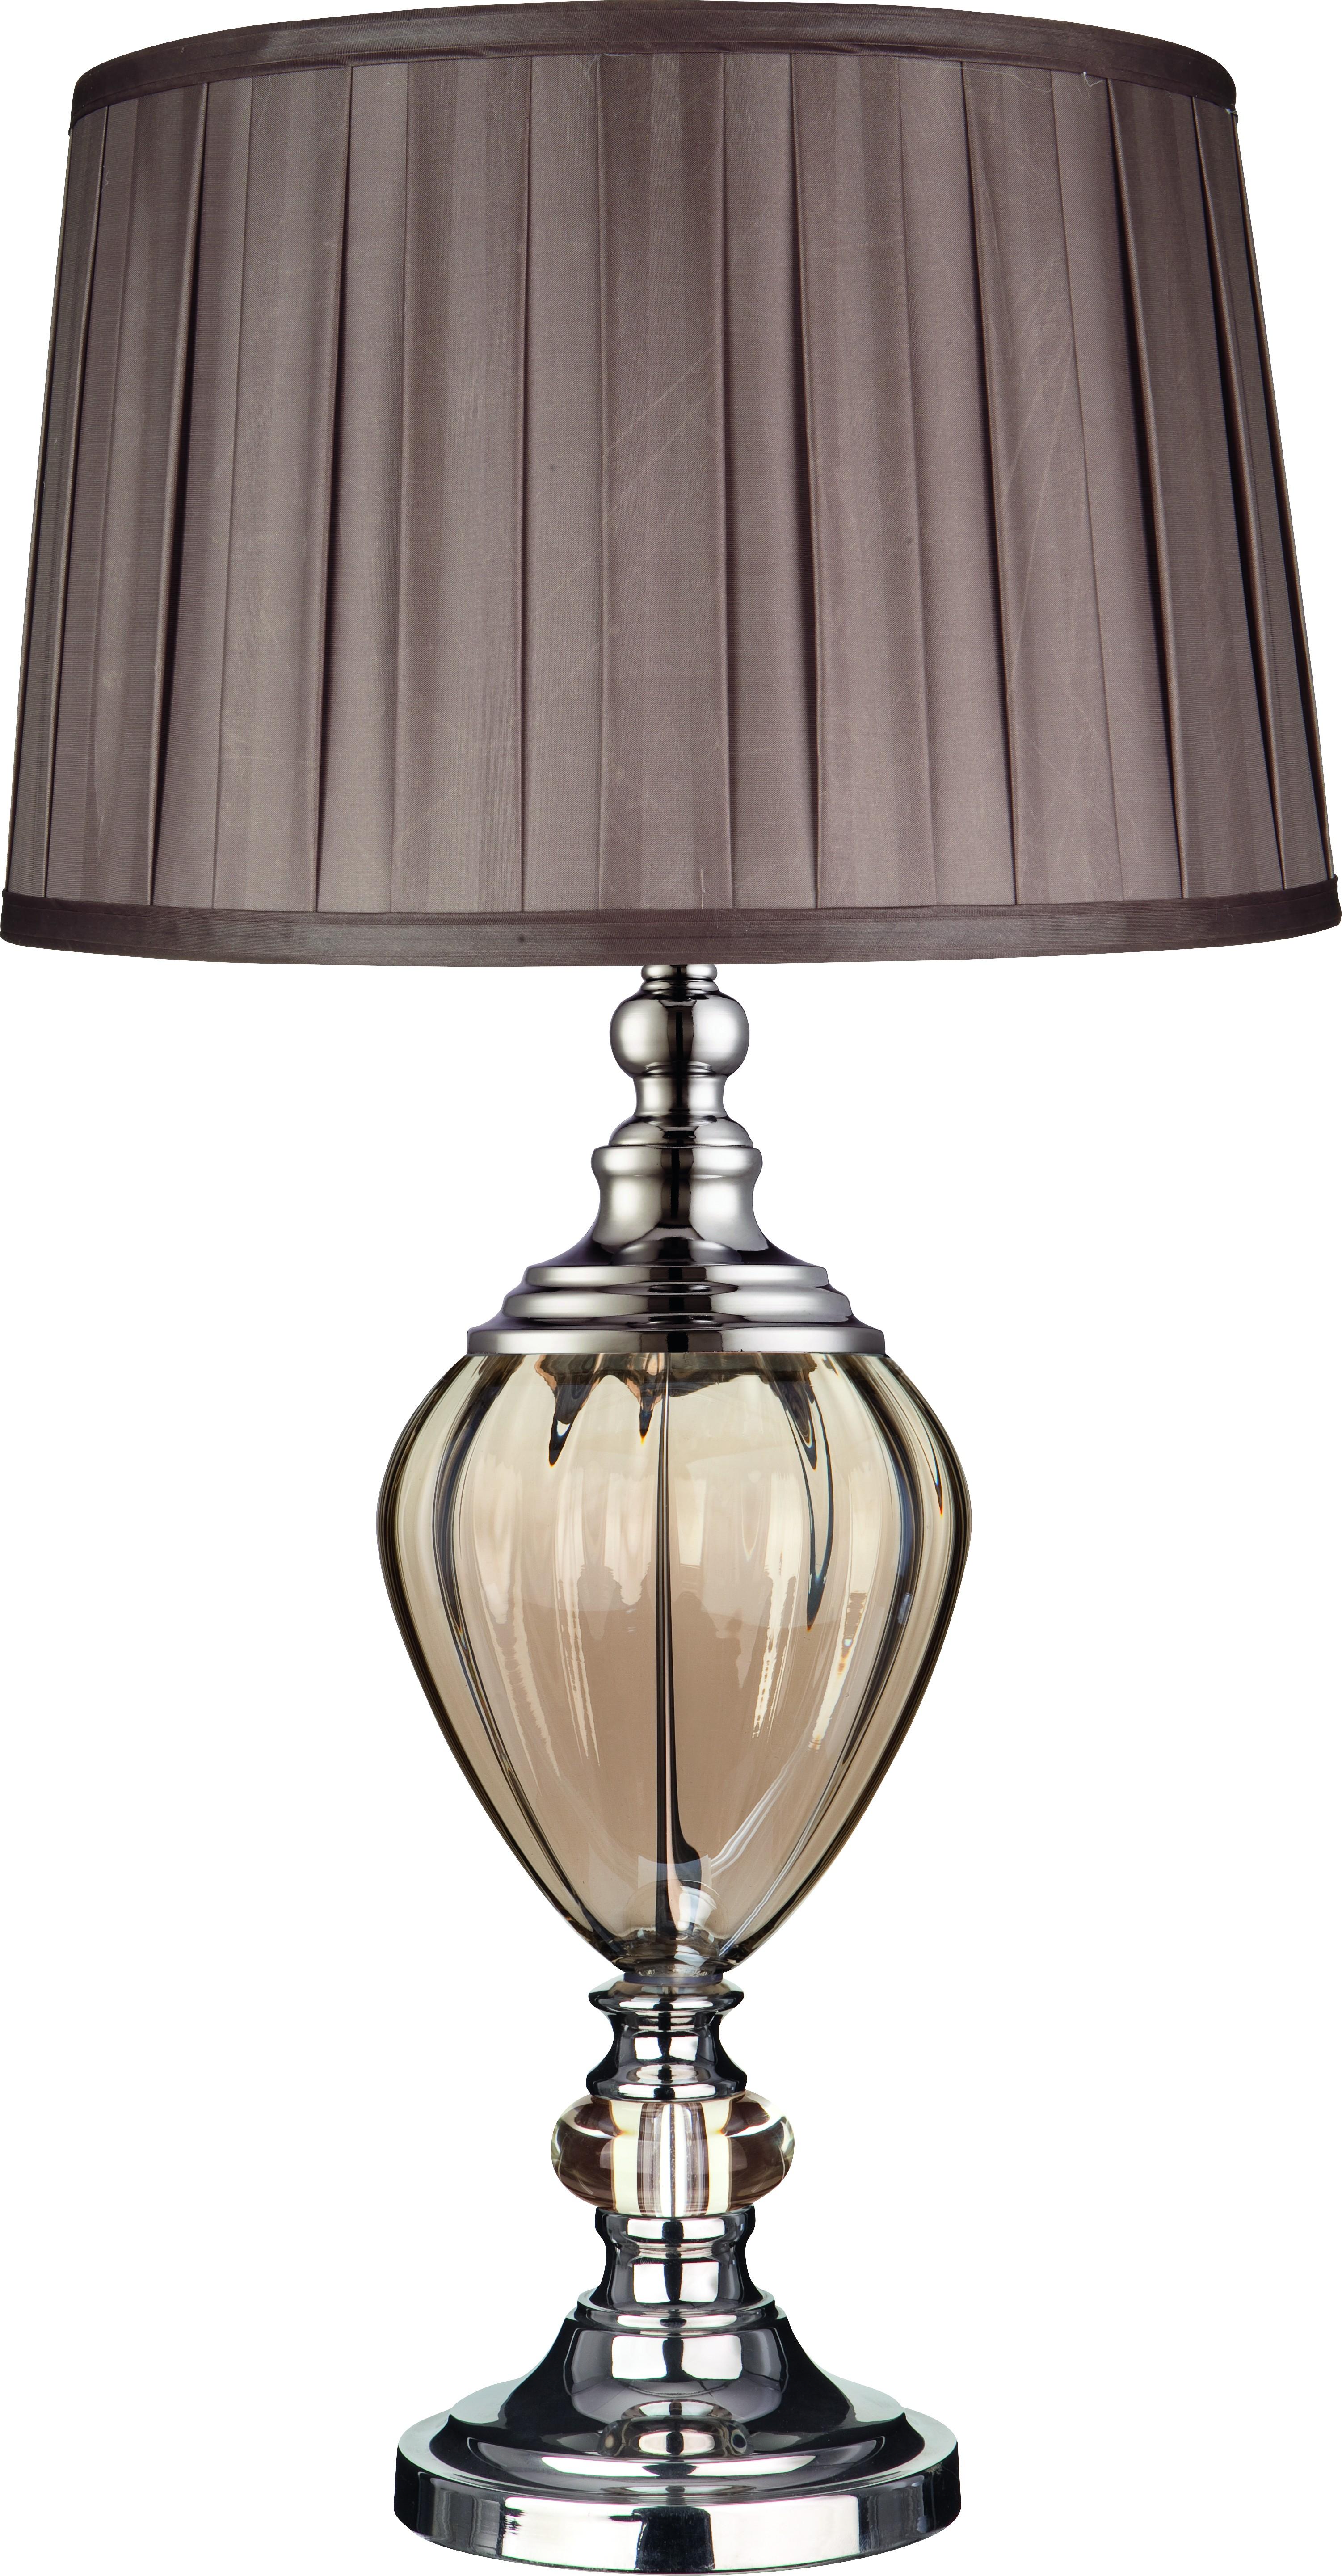 купить Лампа настольная Arte lamp A3752lt-1br дешево